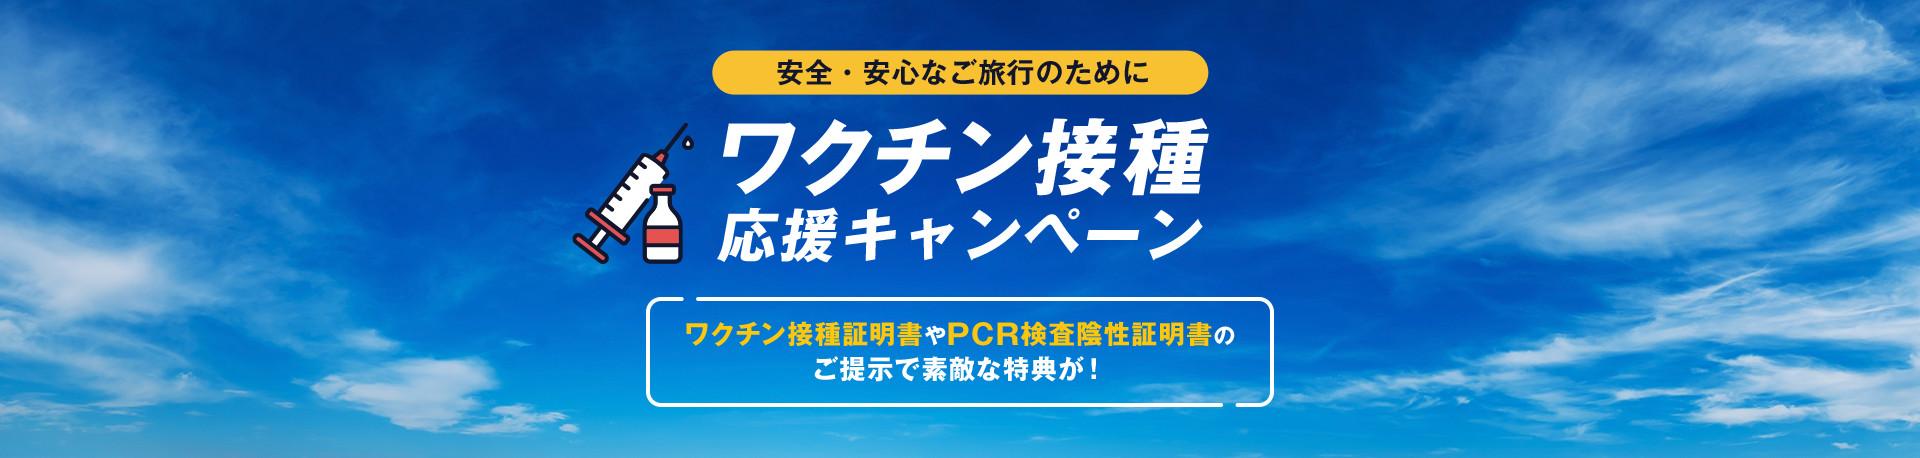 ワクチン打ったら何しよう? JAL ワクチン接種応援キャンペーン